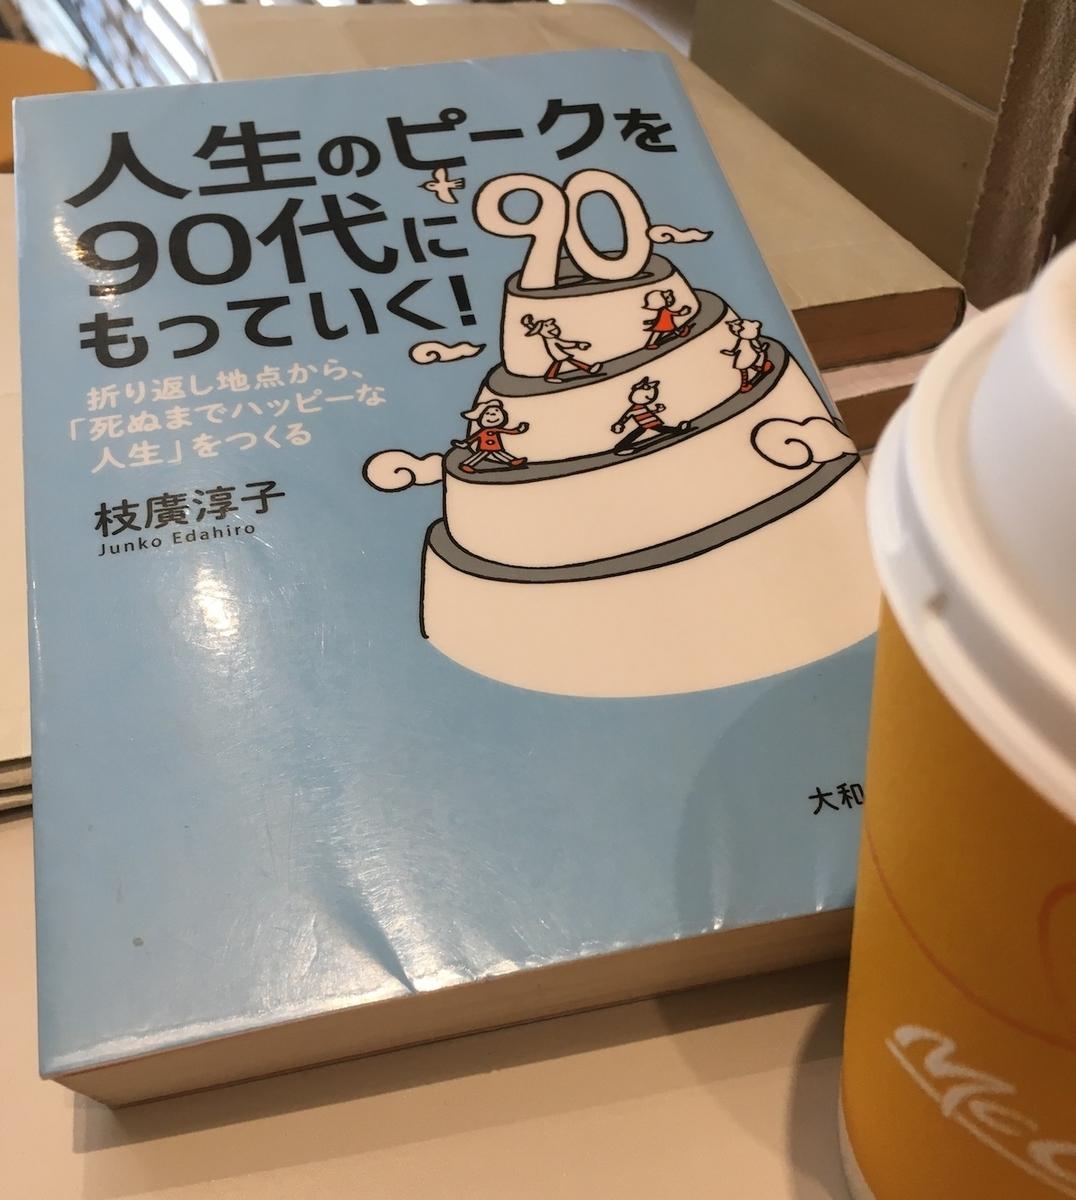 人生のピークを90代にもっていく! ~折り返し地点から「死ぬまでハッピーな人生」をつくる,枝廣淳子